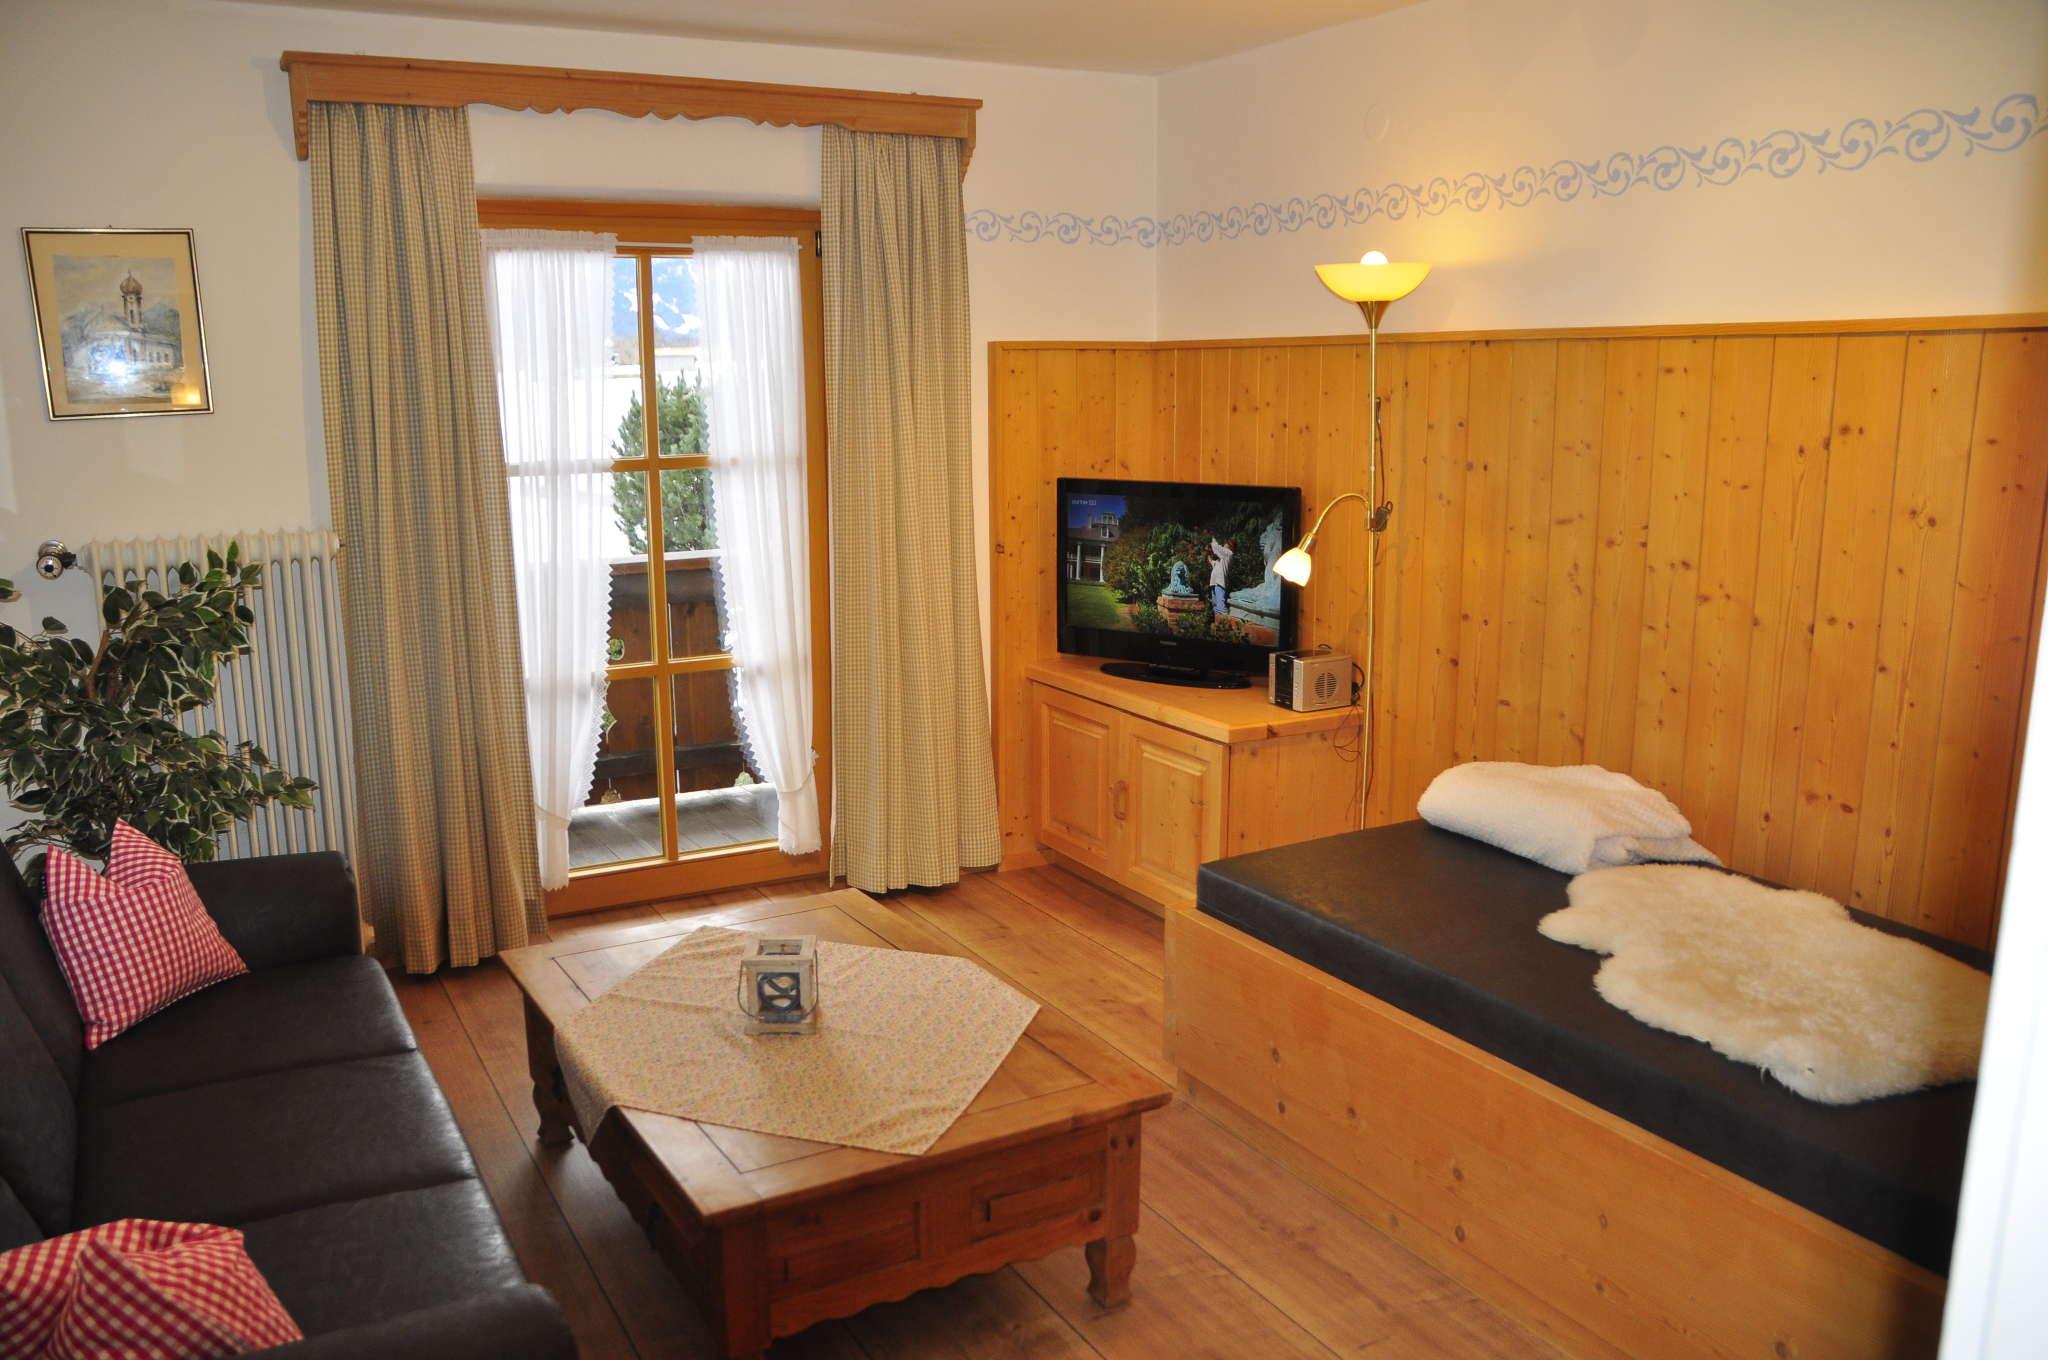 Zusatzbild Nr. 07 von Ferienwohnungen Hornsteiner - Wohnung Zugspitze